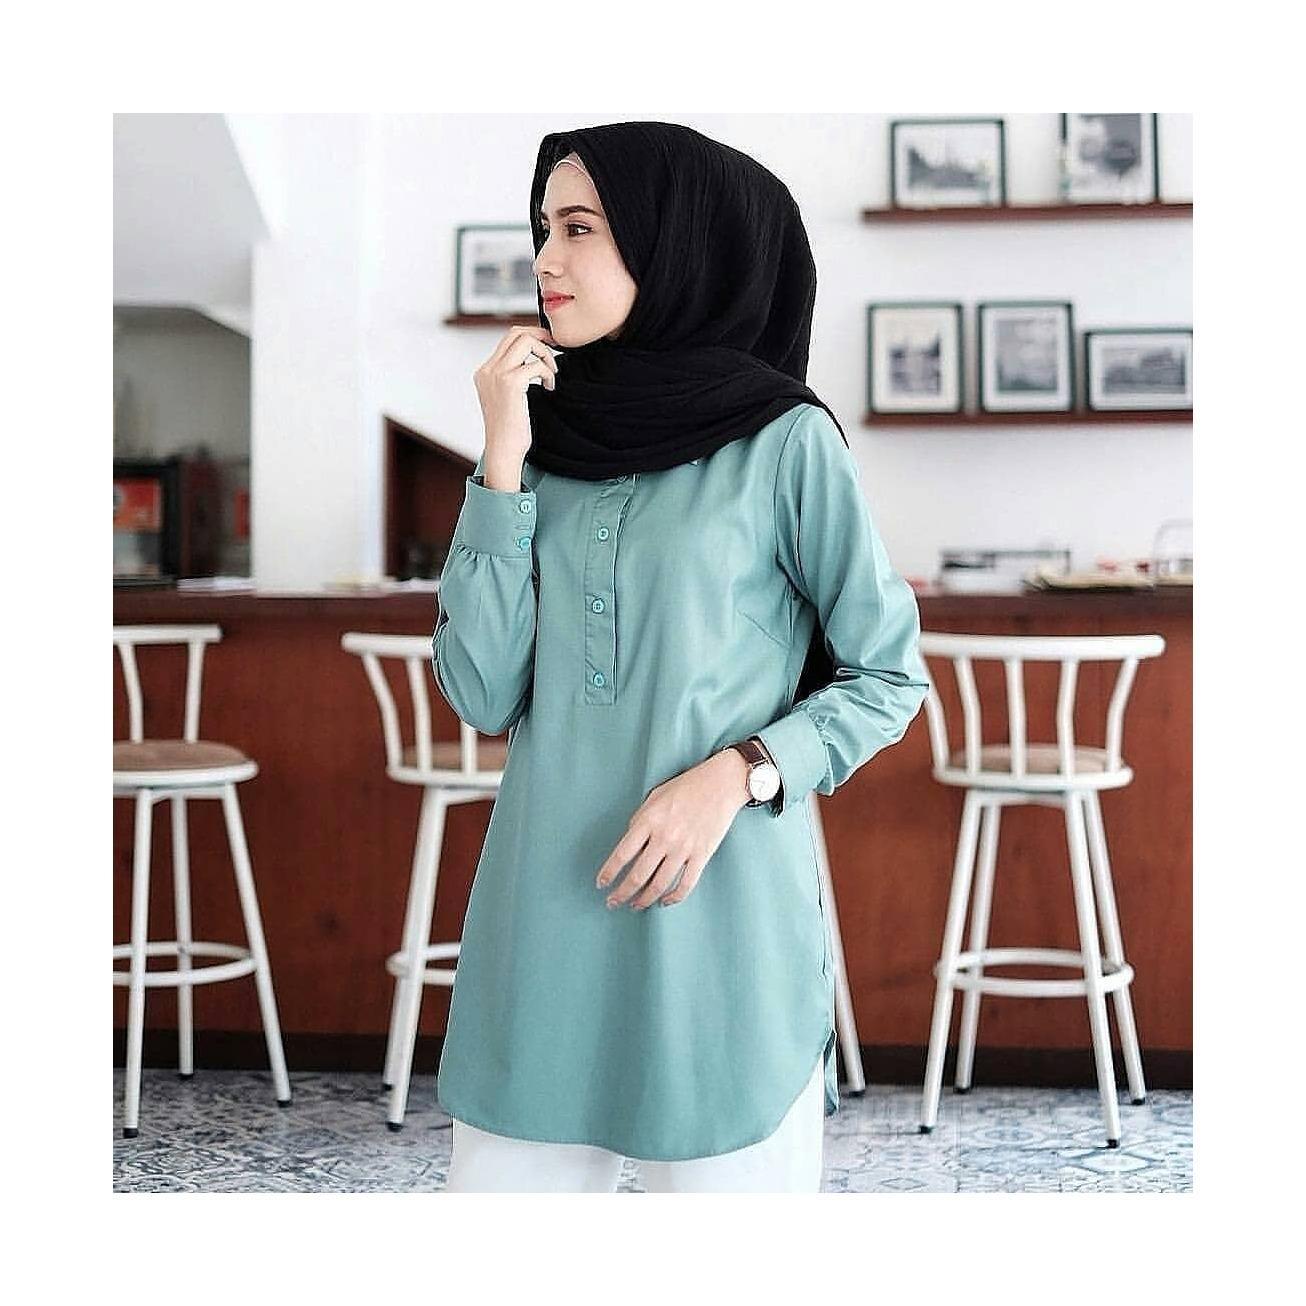 """Blouse """"SF DAILY"""" Baju Panjang Muslim Hijab Moderen Pakaian Trand Baru 2018"""